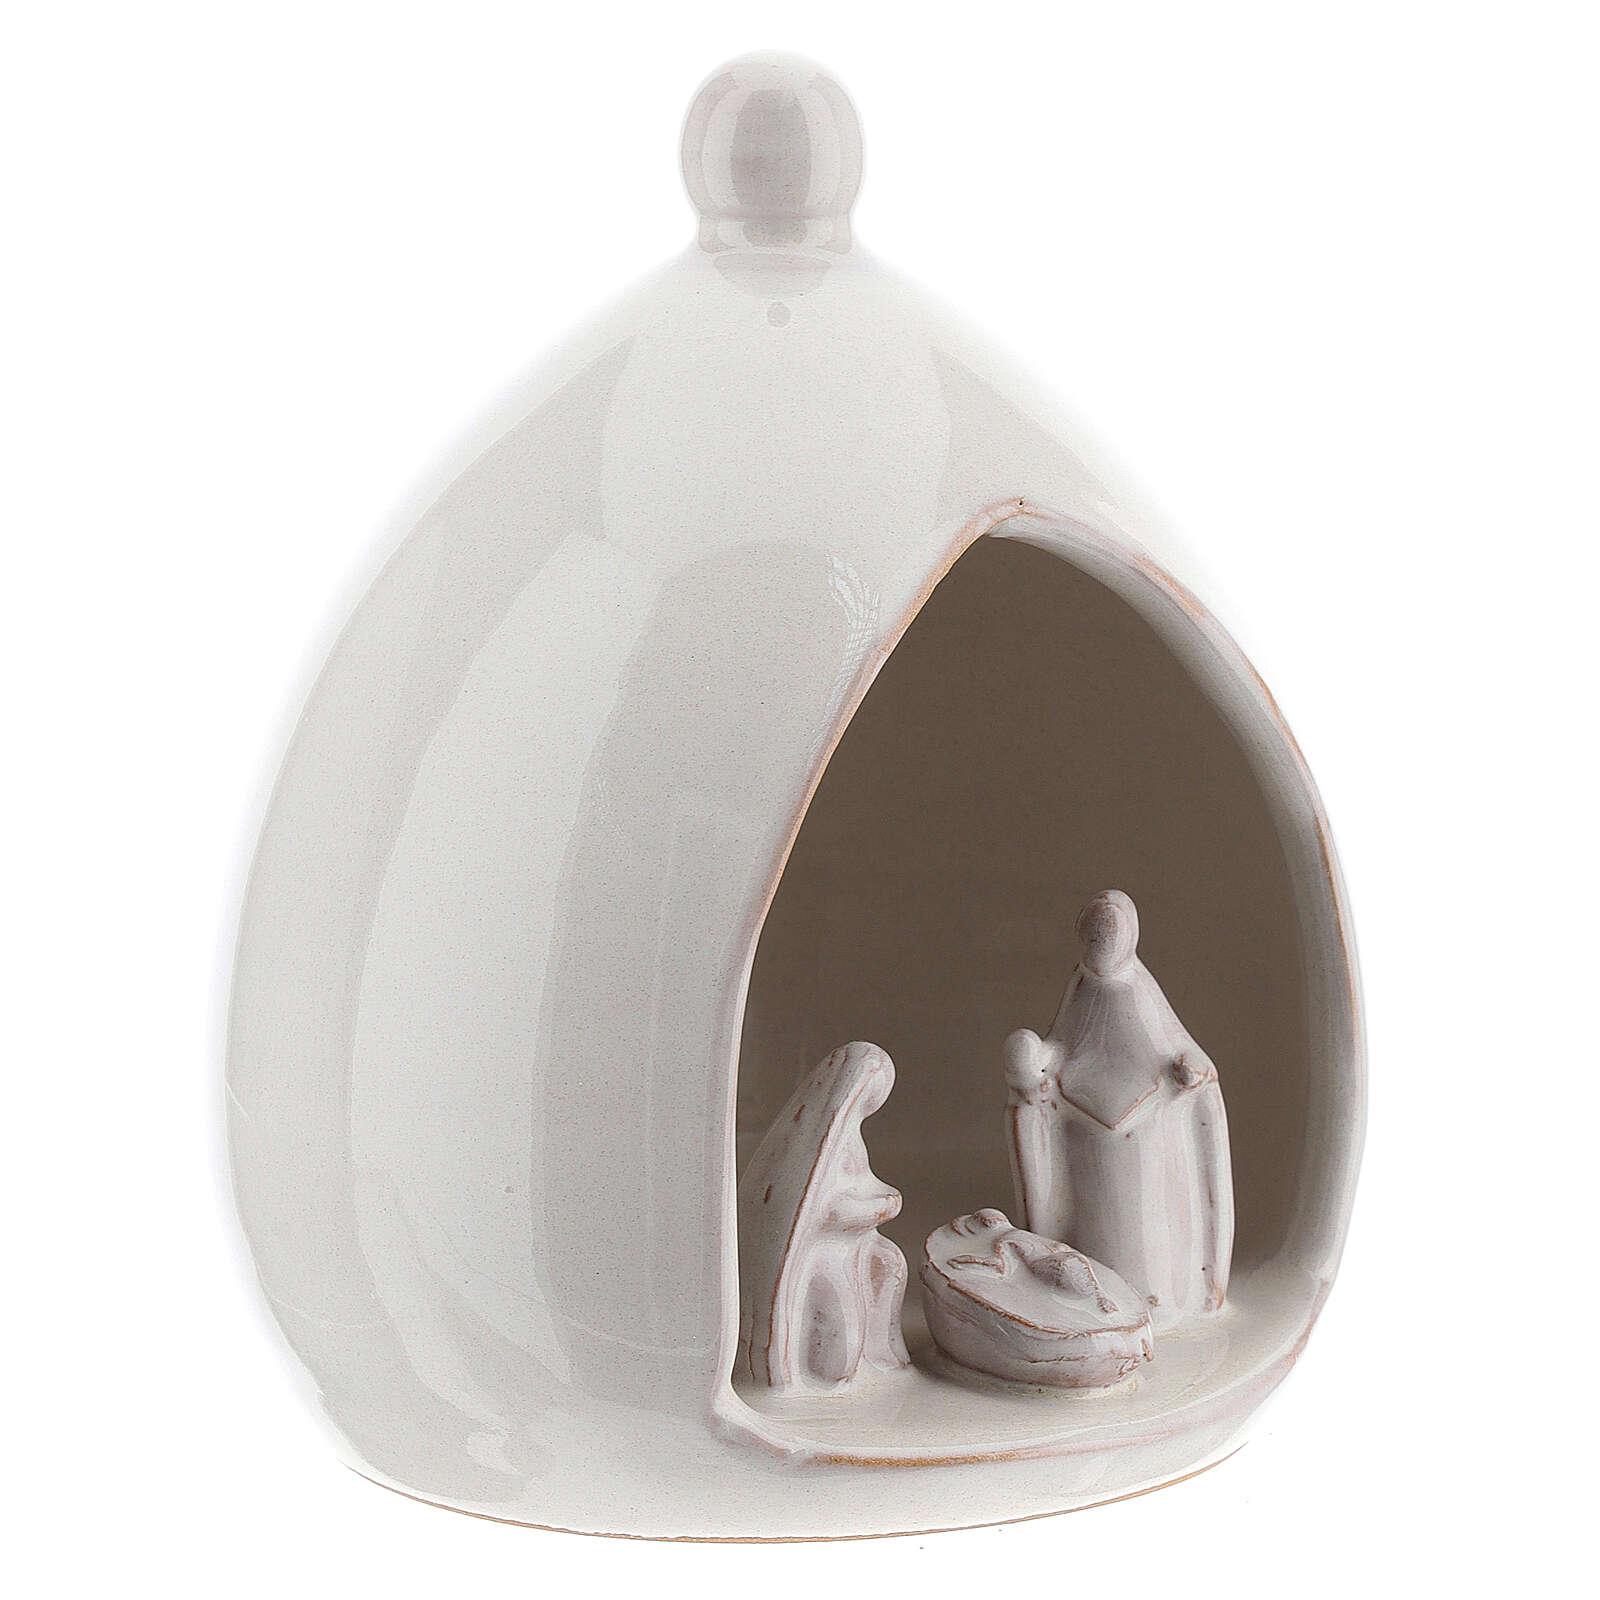 Capanna goccia bianca Natività 15 cm terracotta Deruta 4